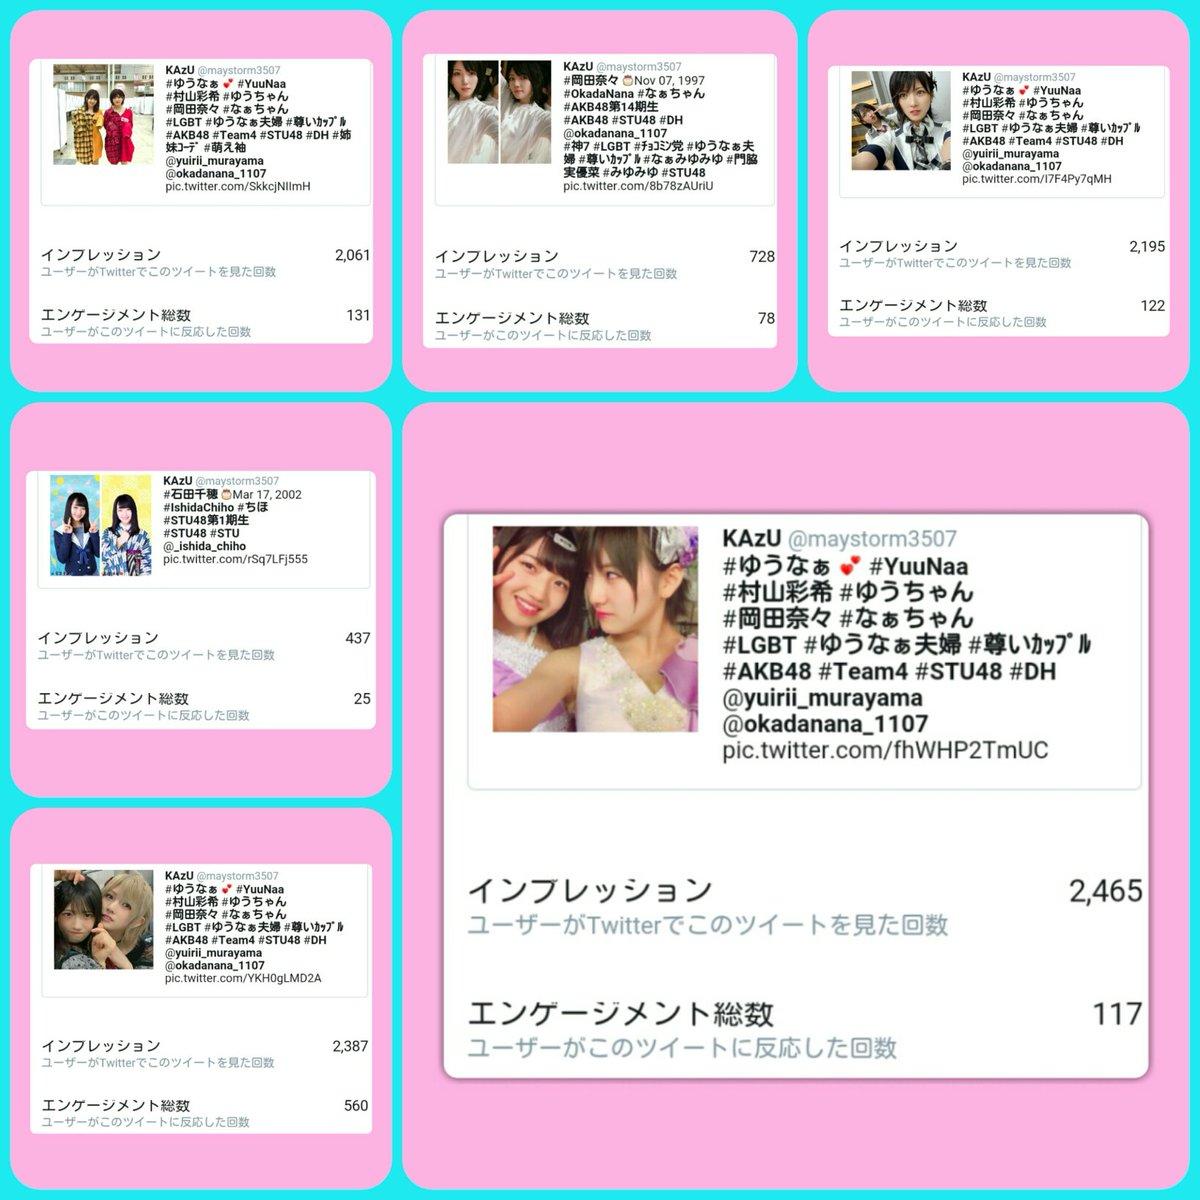 #ツイートアクティビティ #インプレッション #impression 《ユーザーがTwitterでこのツイートを見た回数》 10月18日(日) ツイート数:6 インプレッション合計:10273 [+746] 最高値:2465 #ゆうなぁ夫婦 #LGBT #尊いカップル #村山彩希 #岡田奈々 #AKB48 #Team4 #STU48 https://t.co/i7BJZJ0fSL